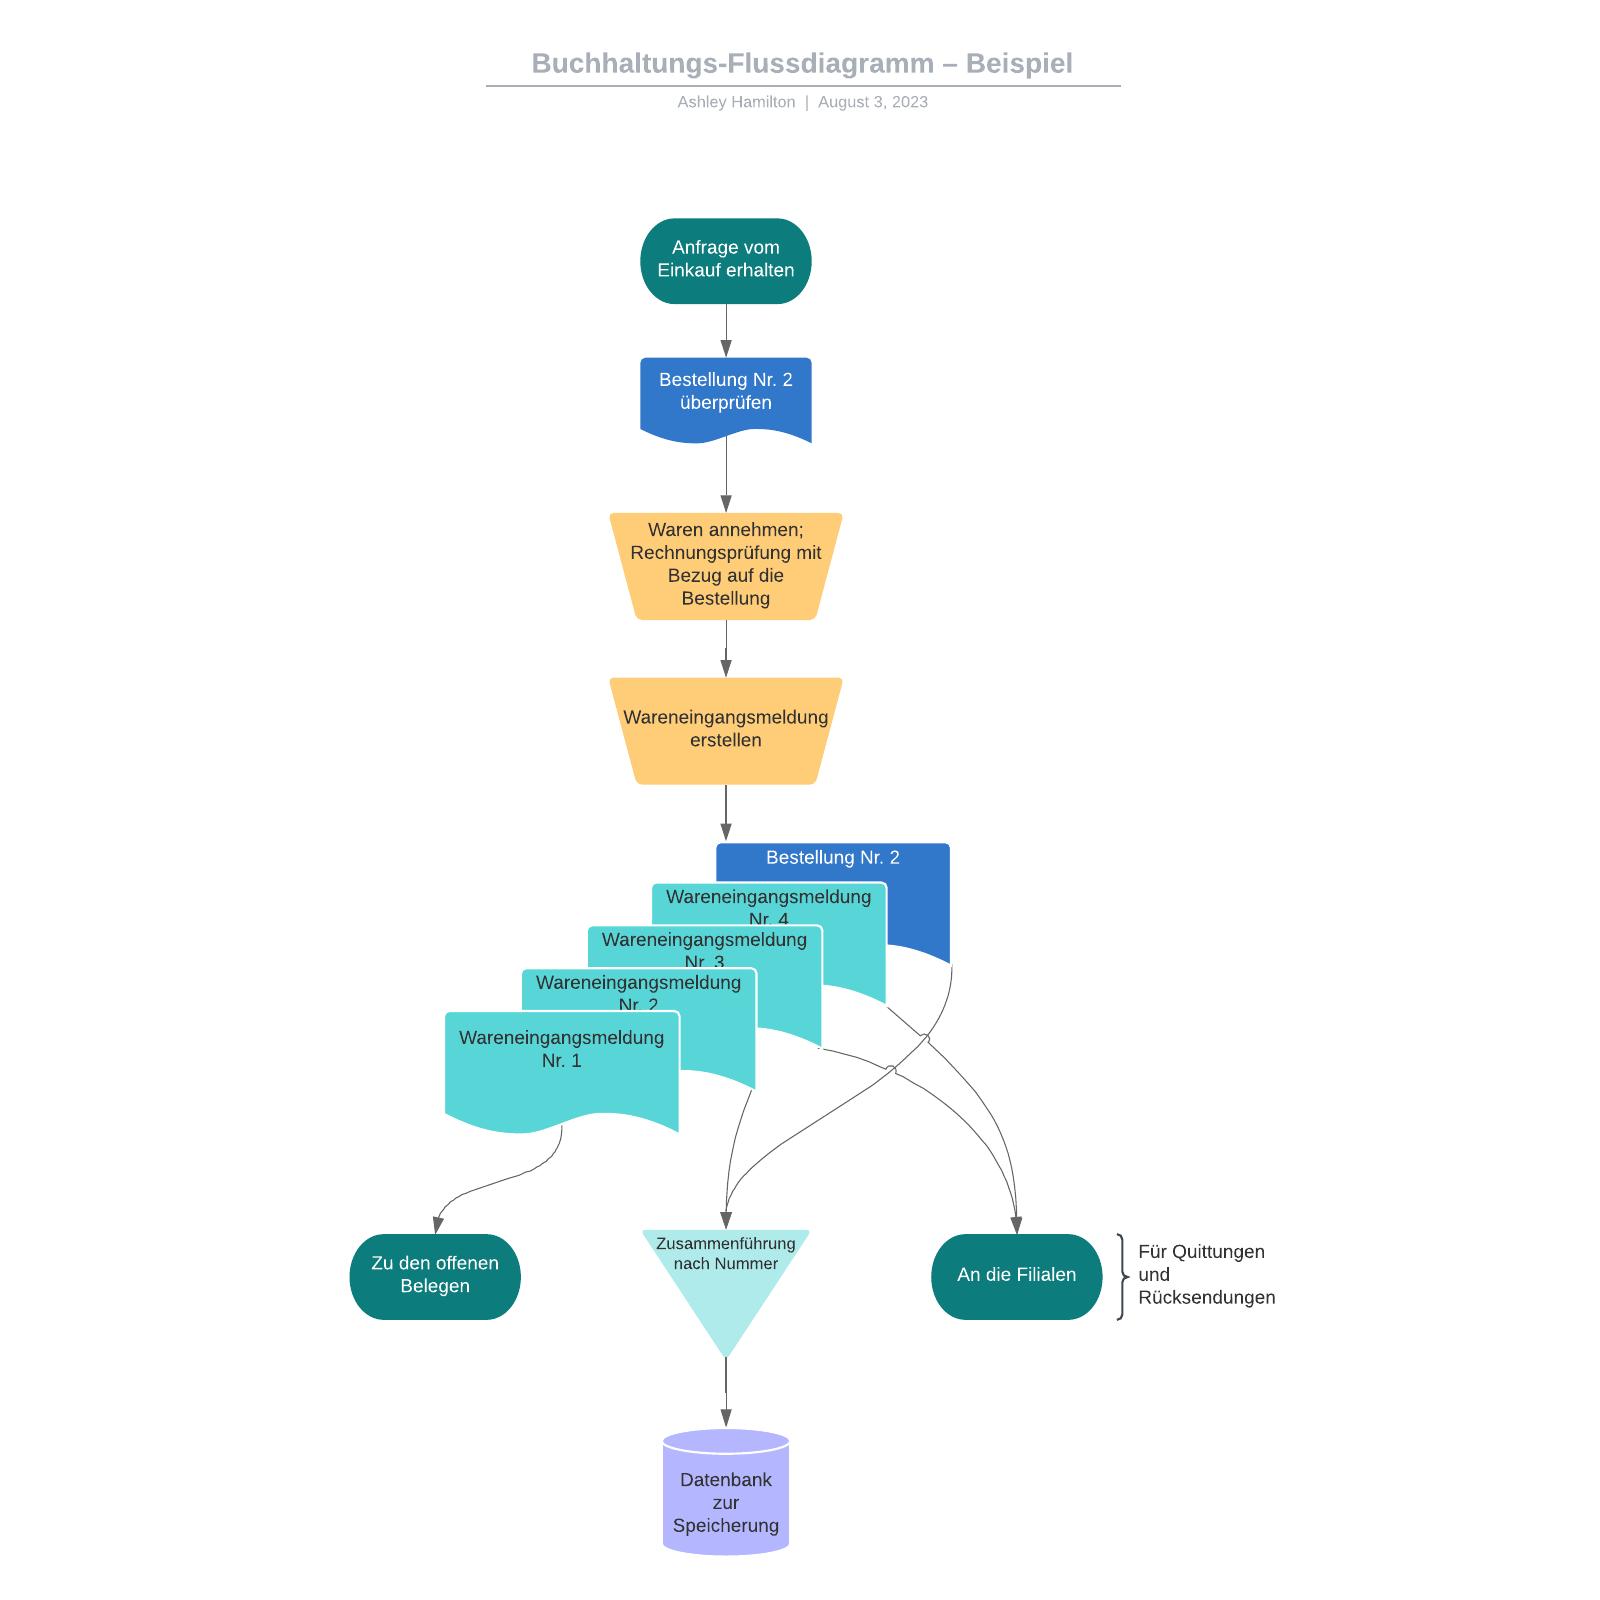 Buchhaltungs-Flussdiagramm– Beispiel